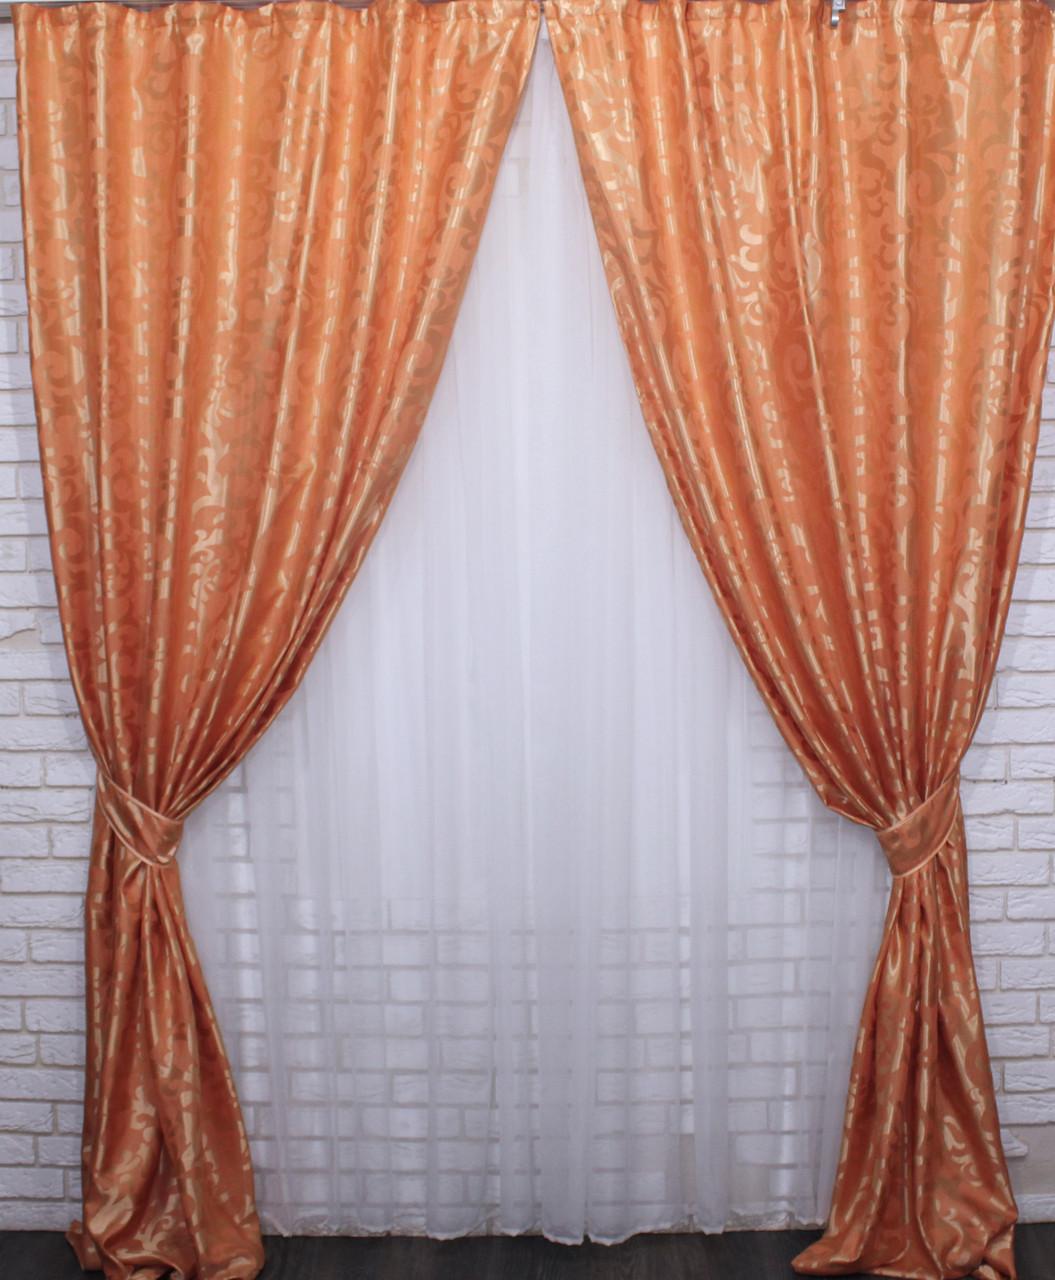 """Комплект (2шт. 1,5х2,7м) готовых жаккардовых штор """"Вензель""""  Цвет оранжевый Код 601ш 30-379"""